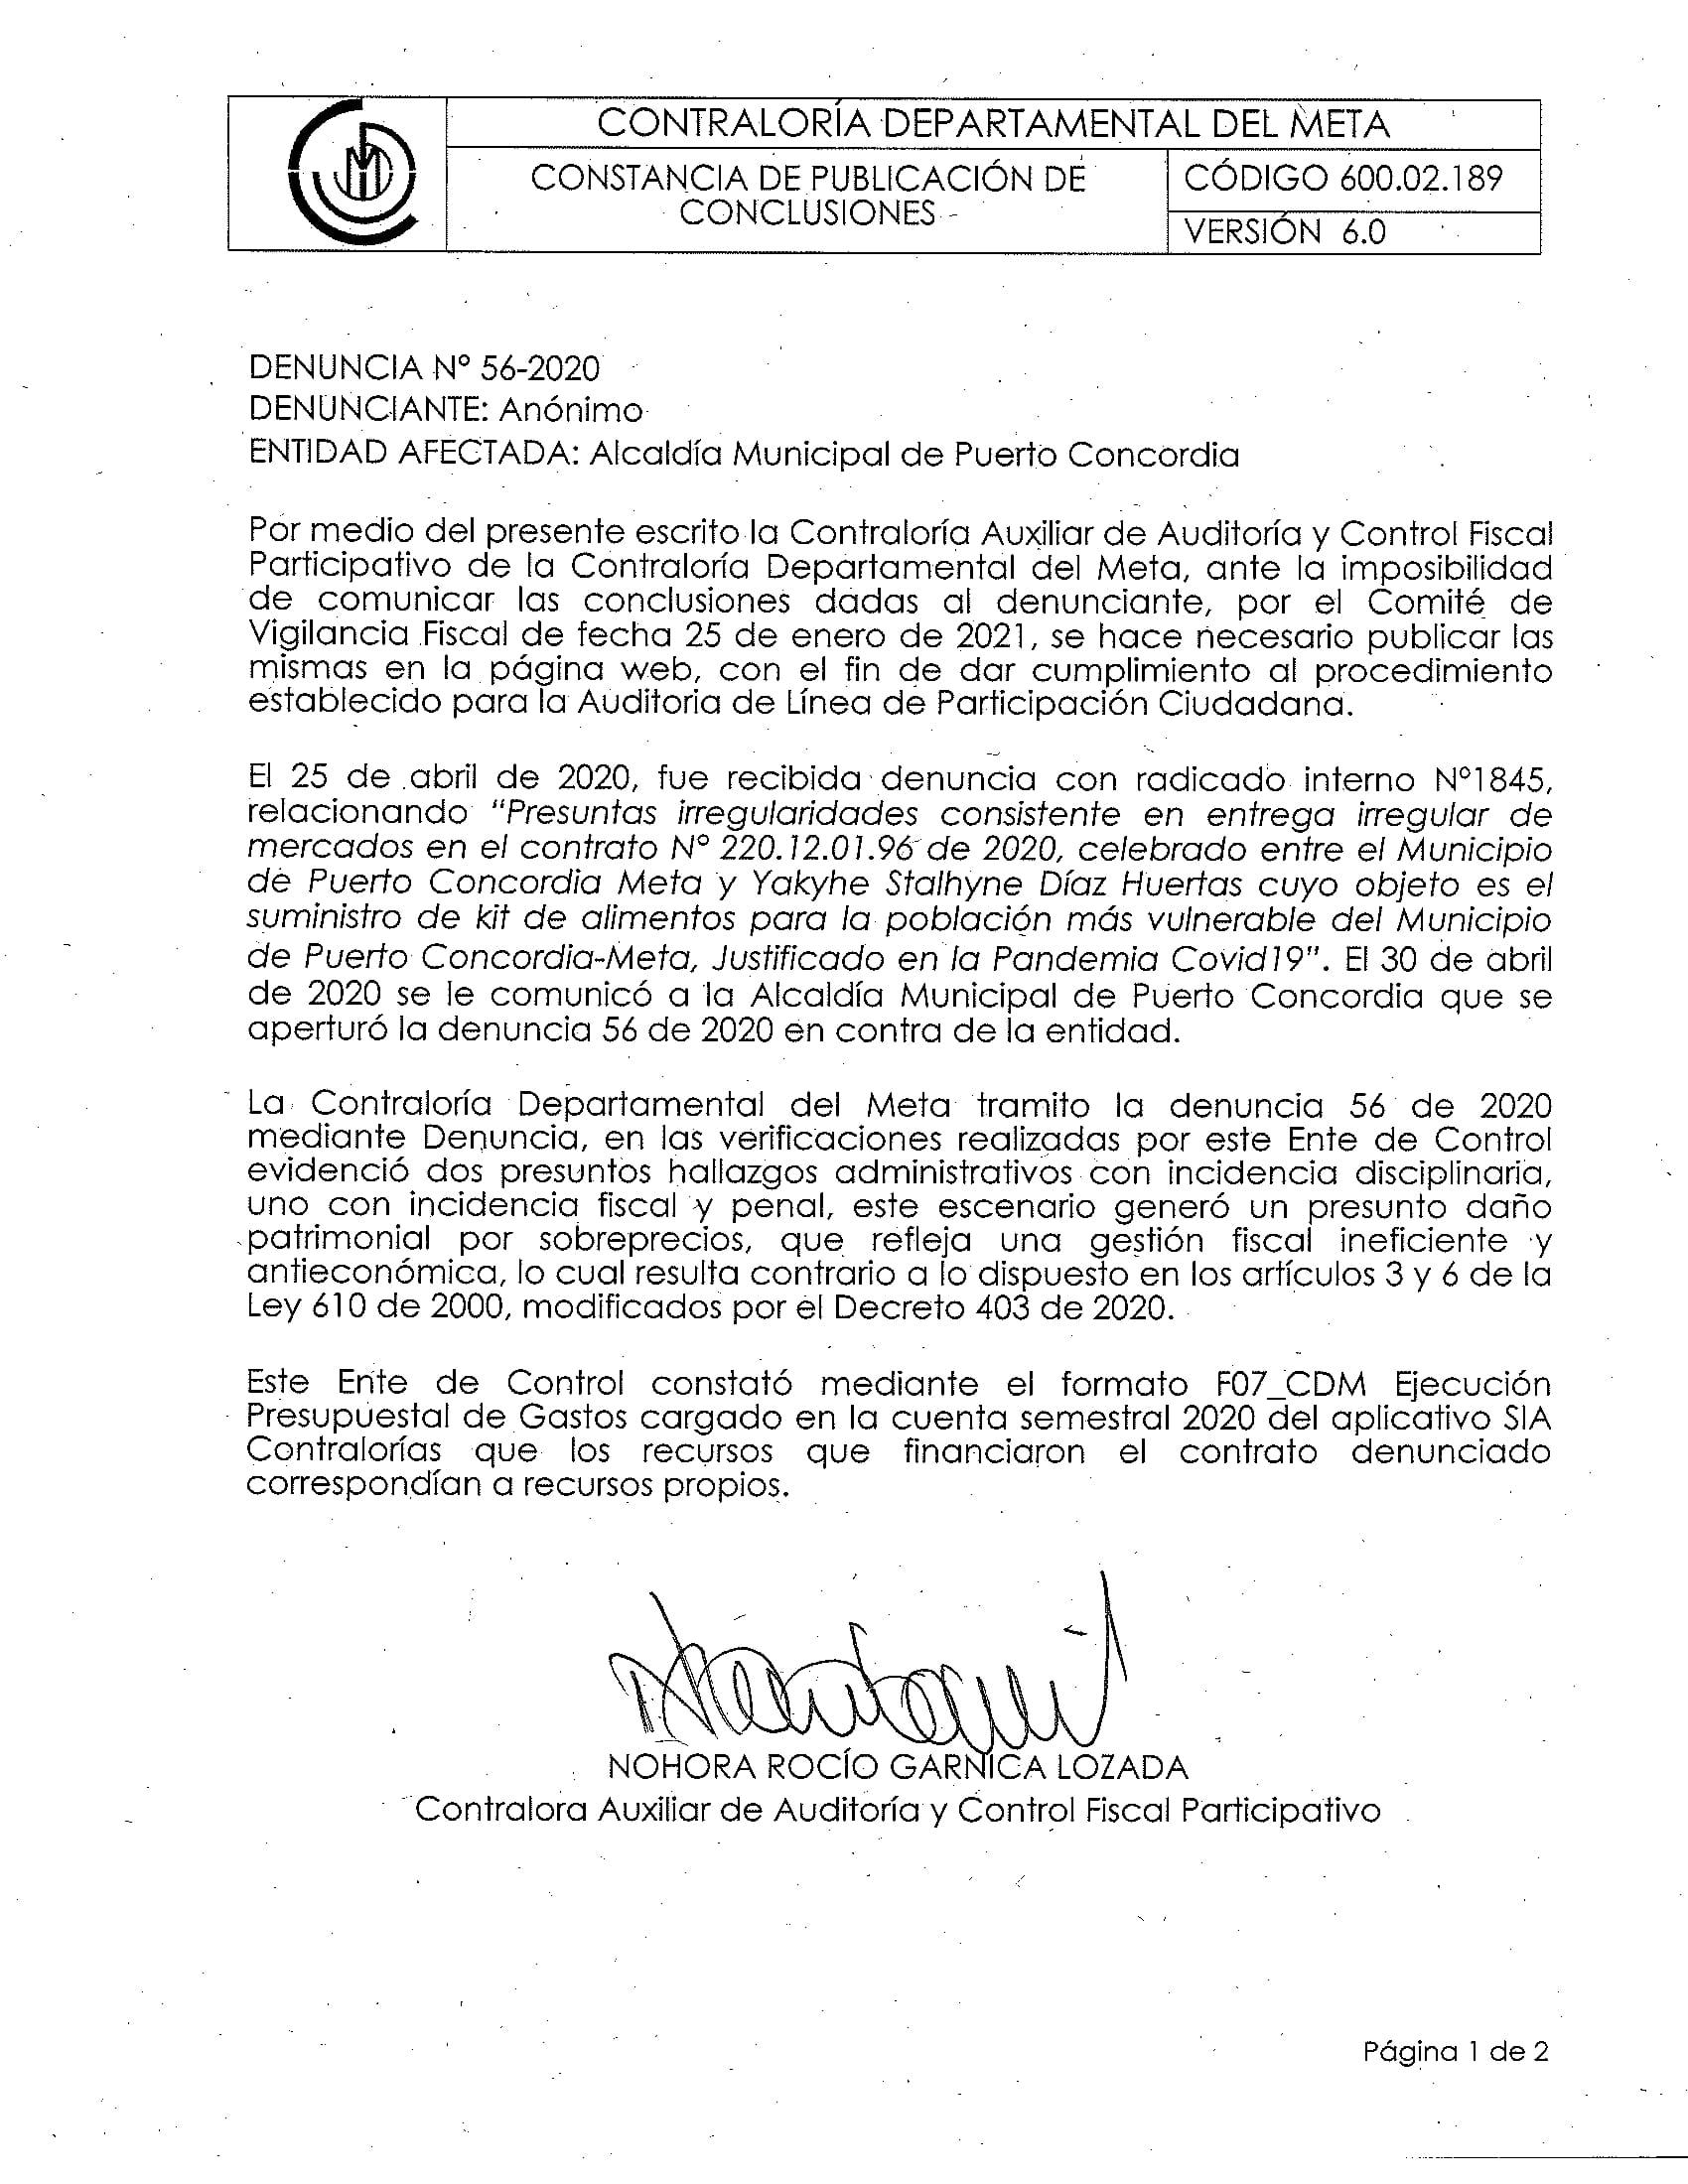 constancia-de-publicacion-de-conclusiones-denuncia-no-56-2020-1